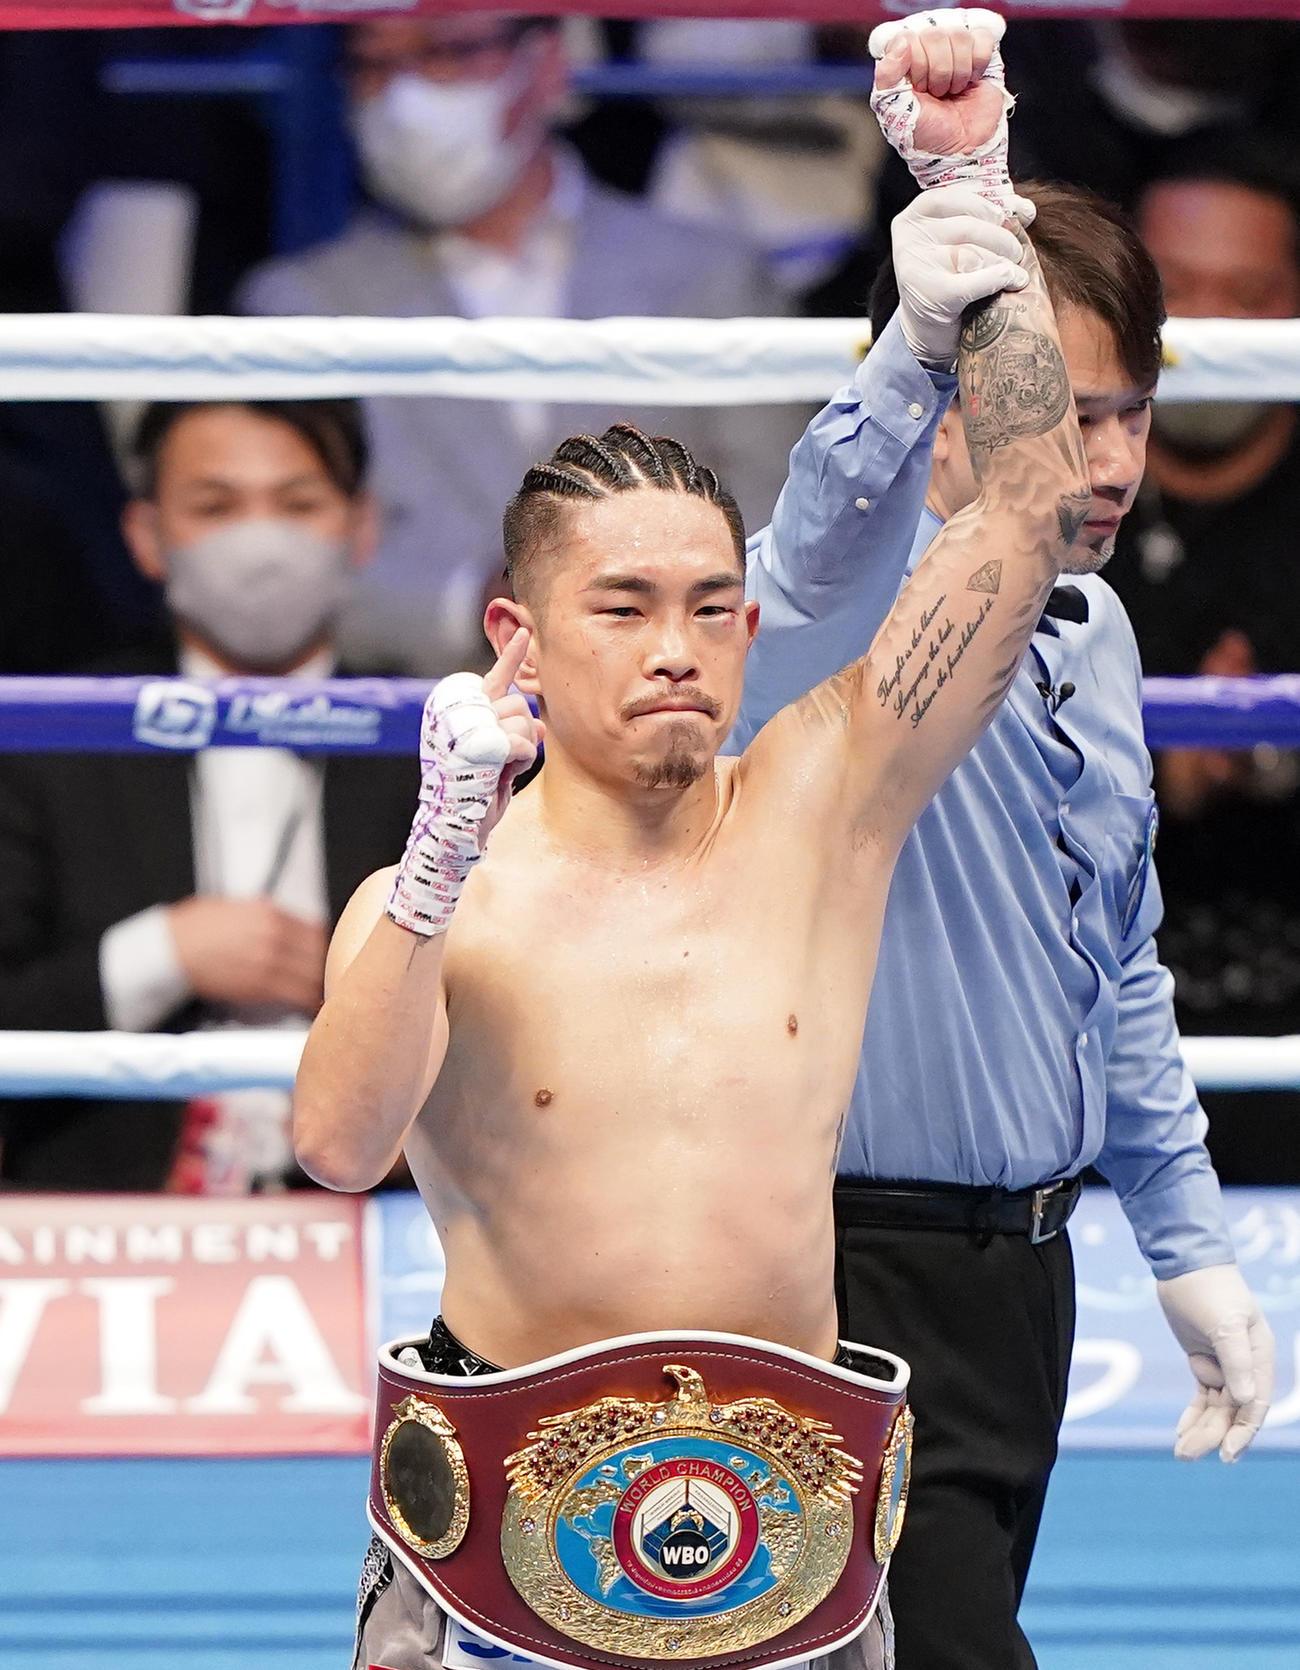 20年12月、WBO世界スーパーフライ級タイトルマッチで田中をTKOで破りチャンピオンベルトを腰にポーズをとる井岡